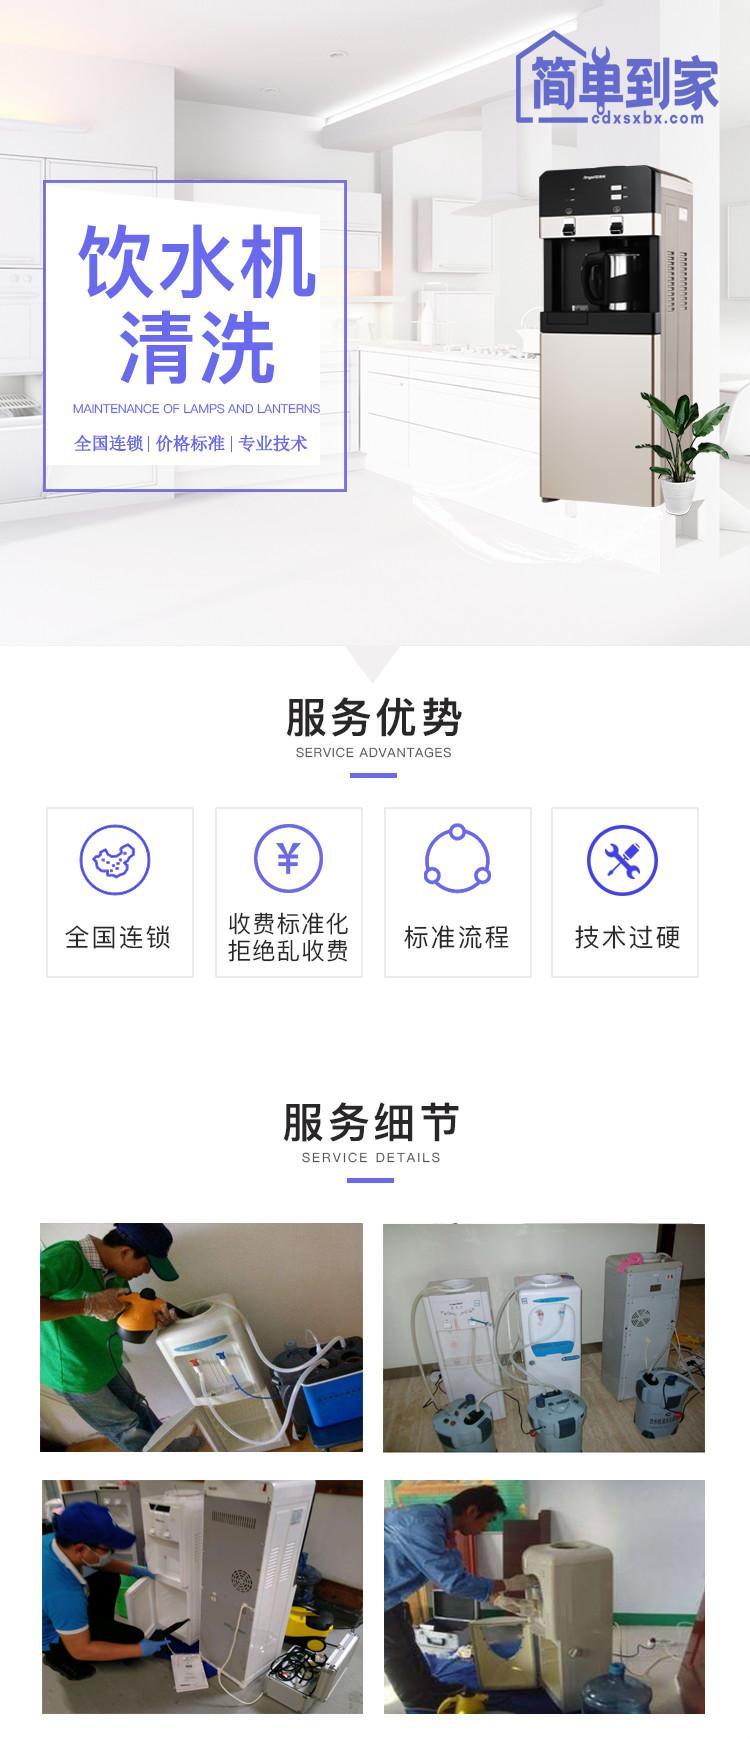 yinshuijiqingxixiangqing.jpg